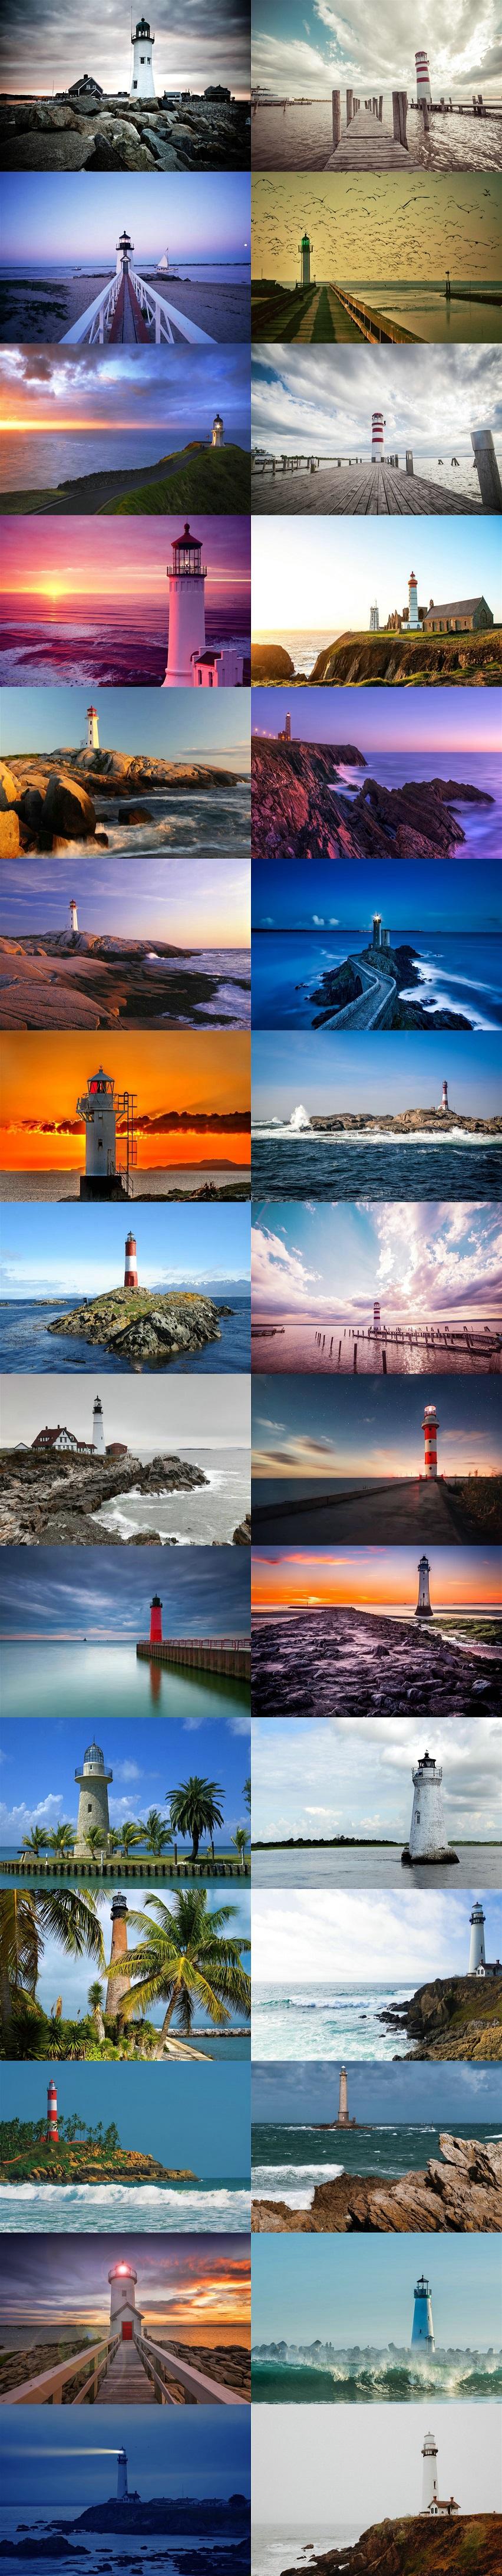 作品标题:沿海灯塔风景图片